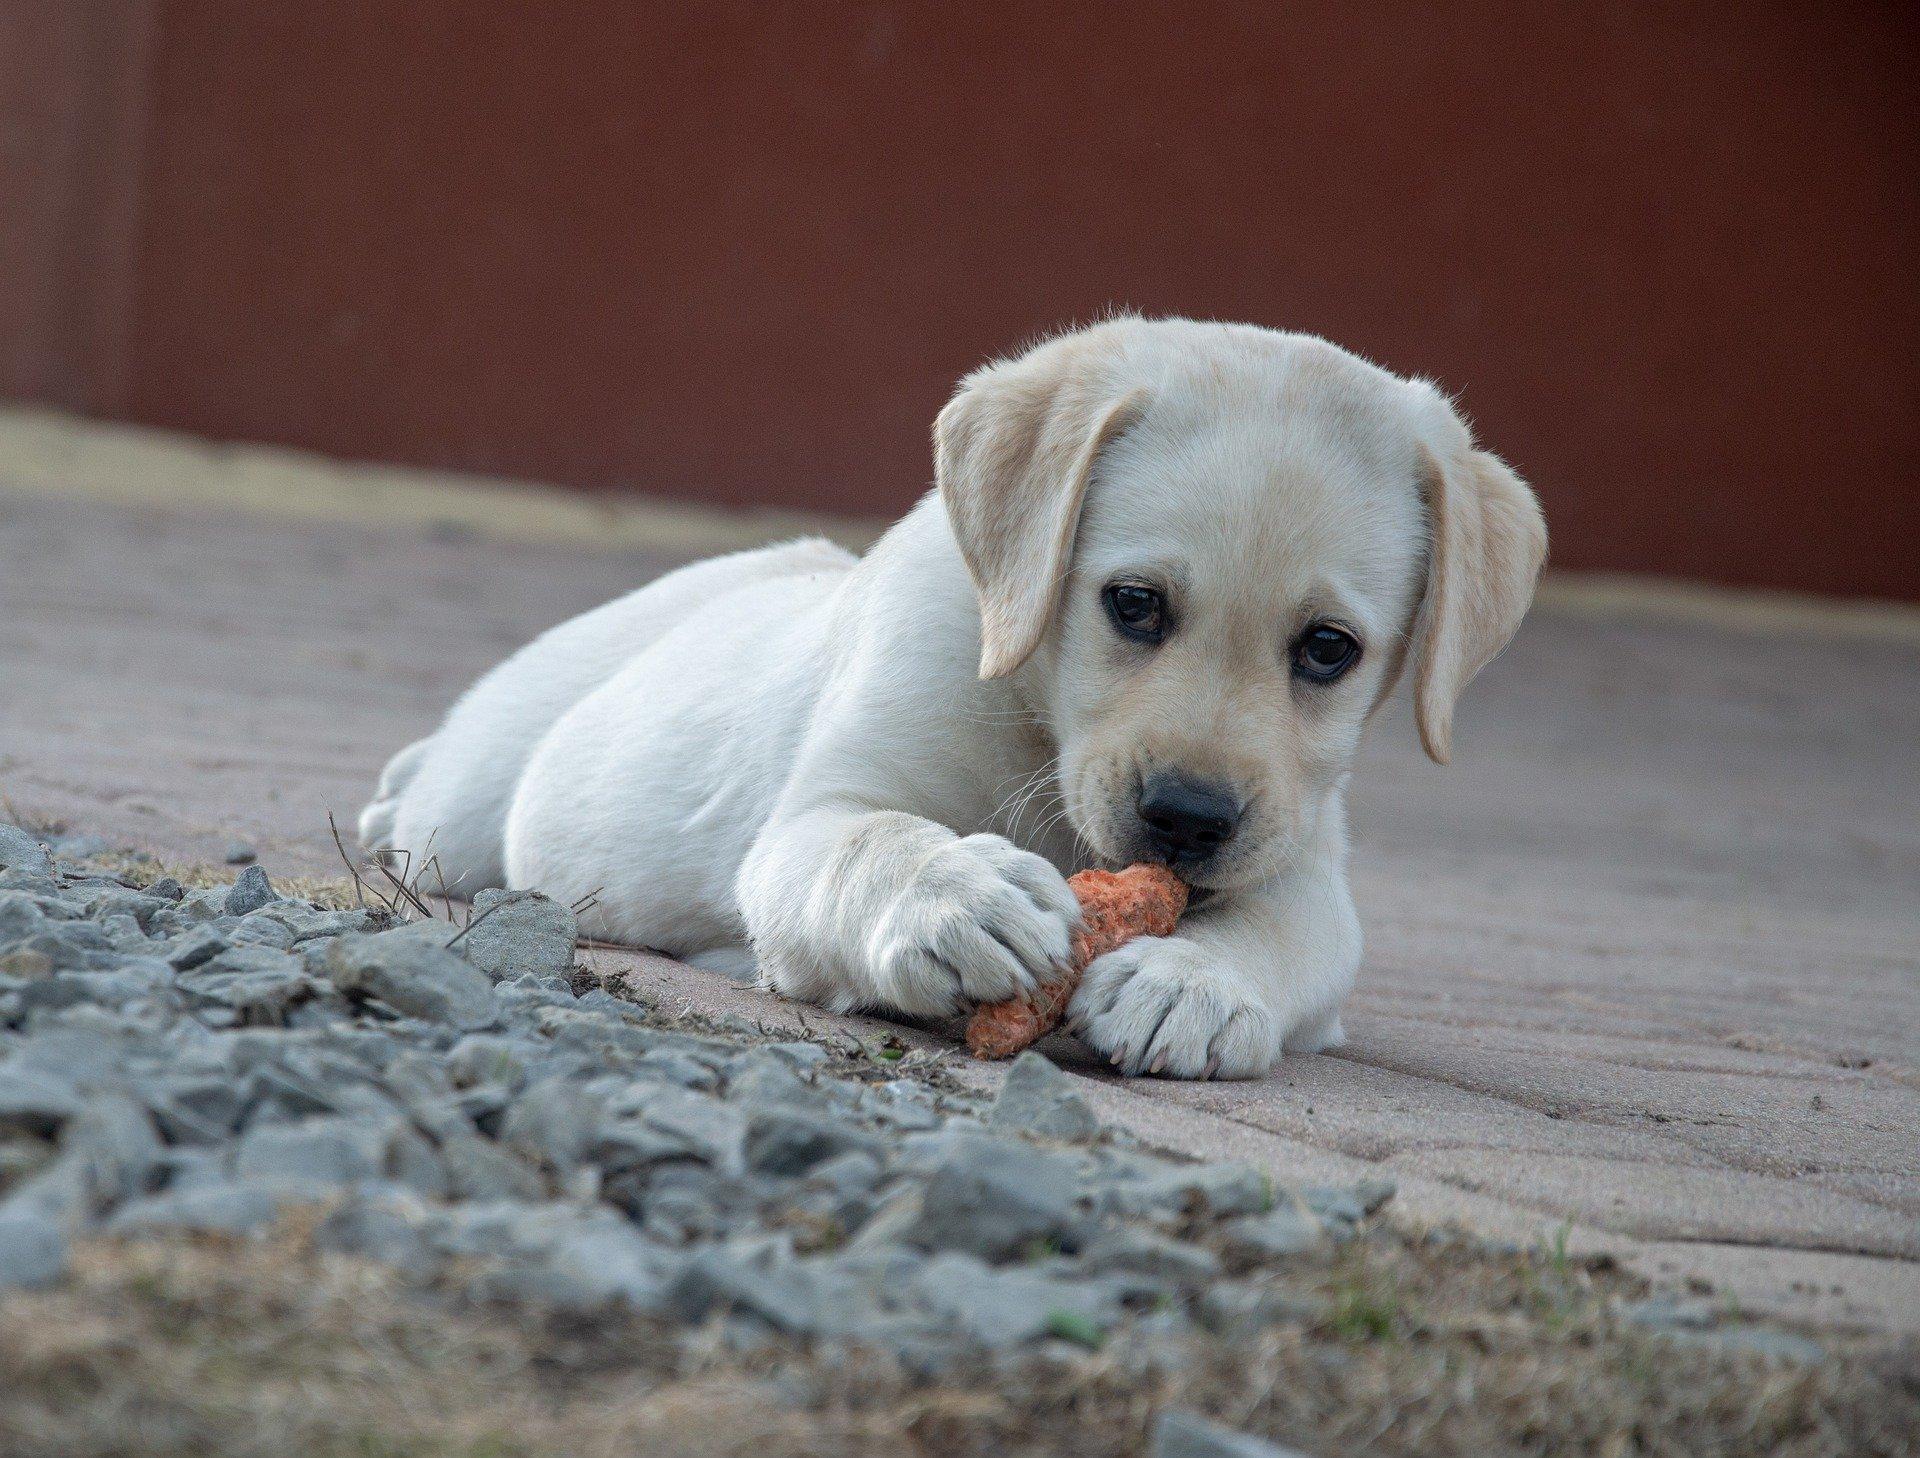 Pourquoi mon chien mange ses crottes ou ceux d'autres animaux ? Miam Miam…